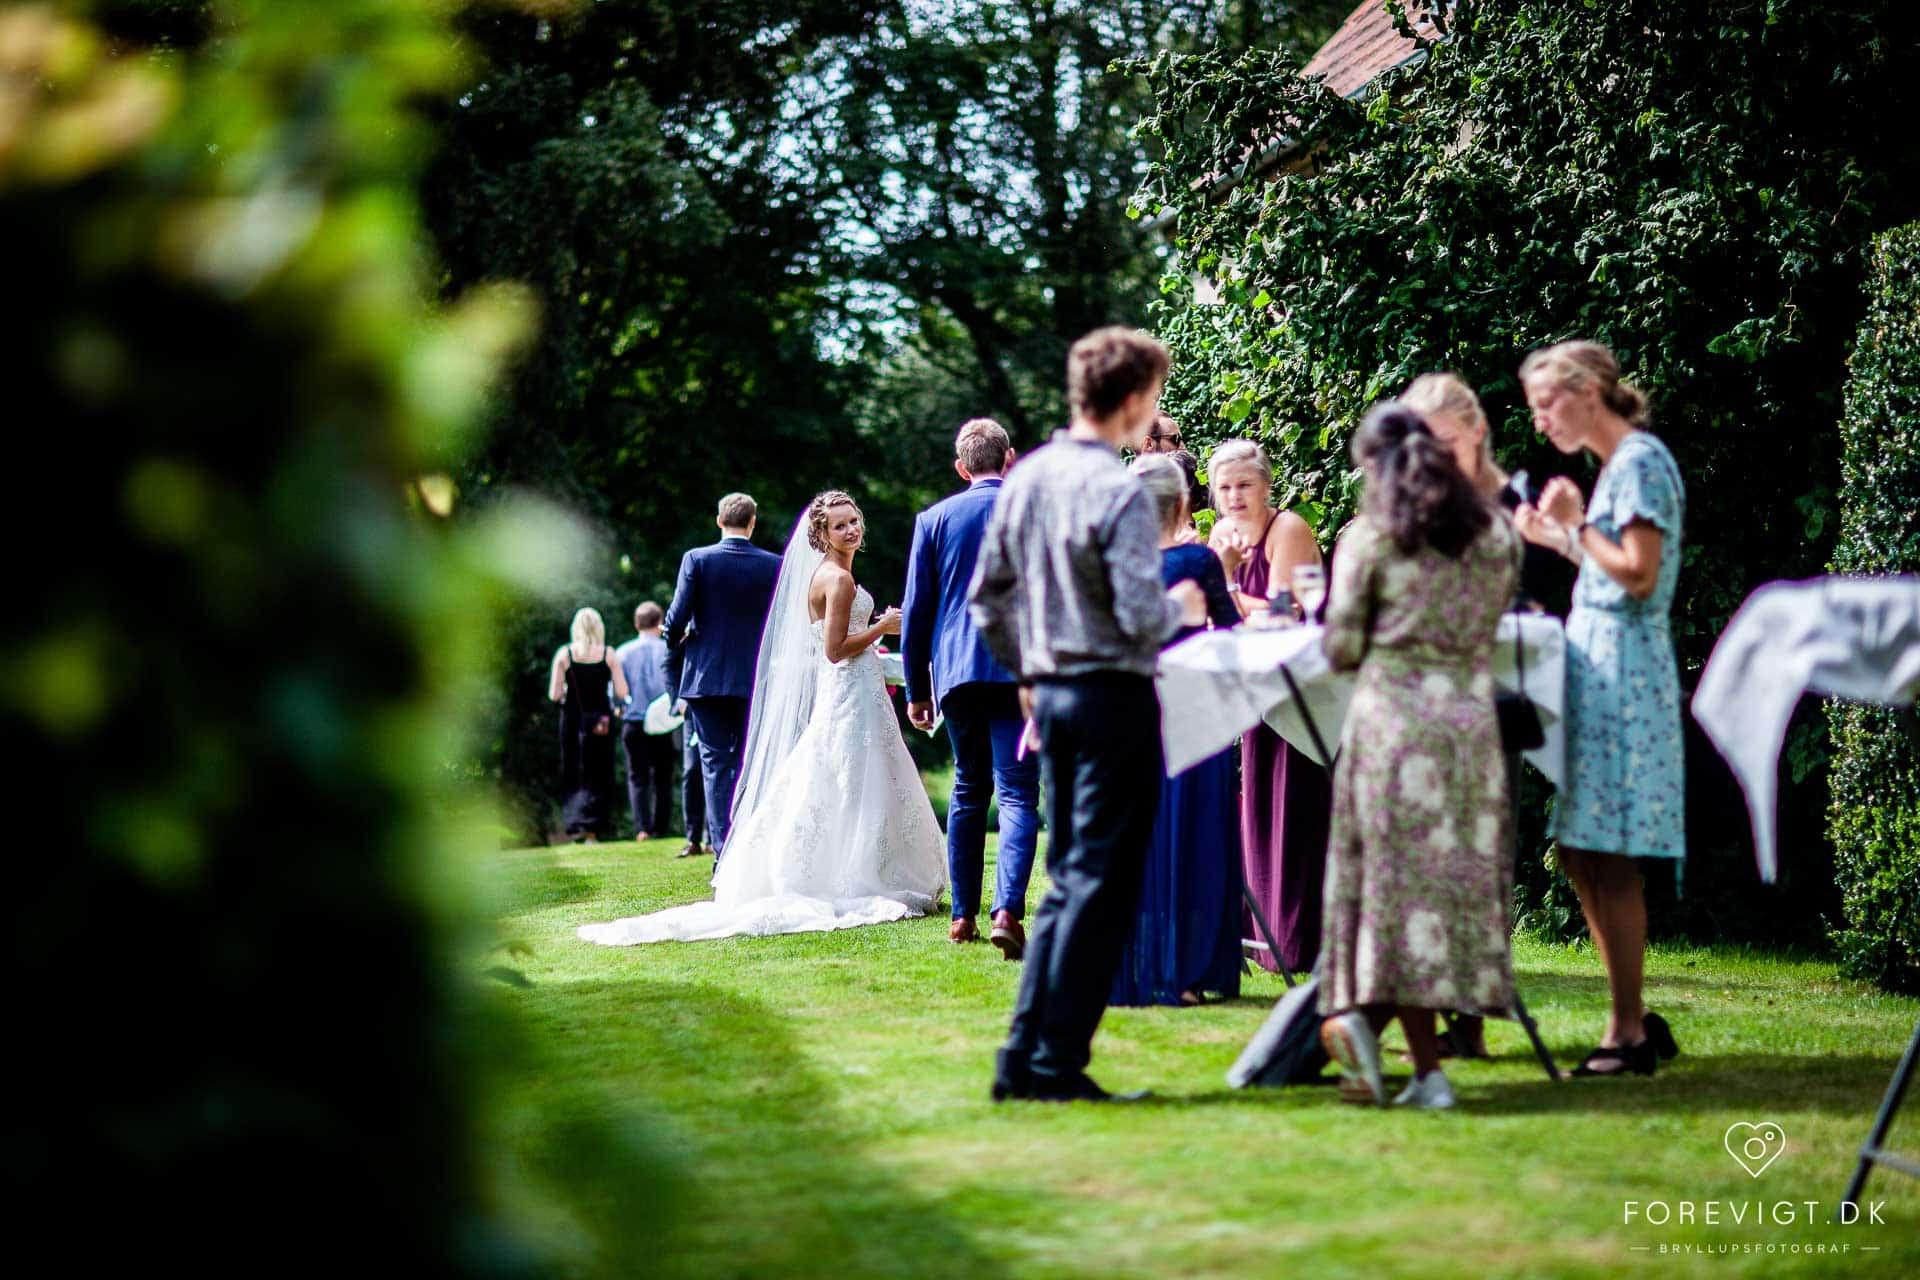 bryllupsfotografer nordjylland